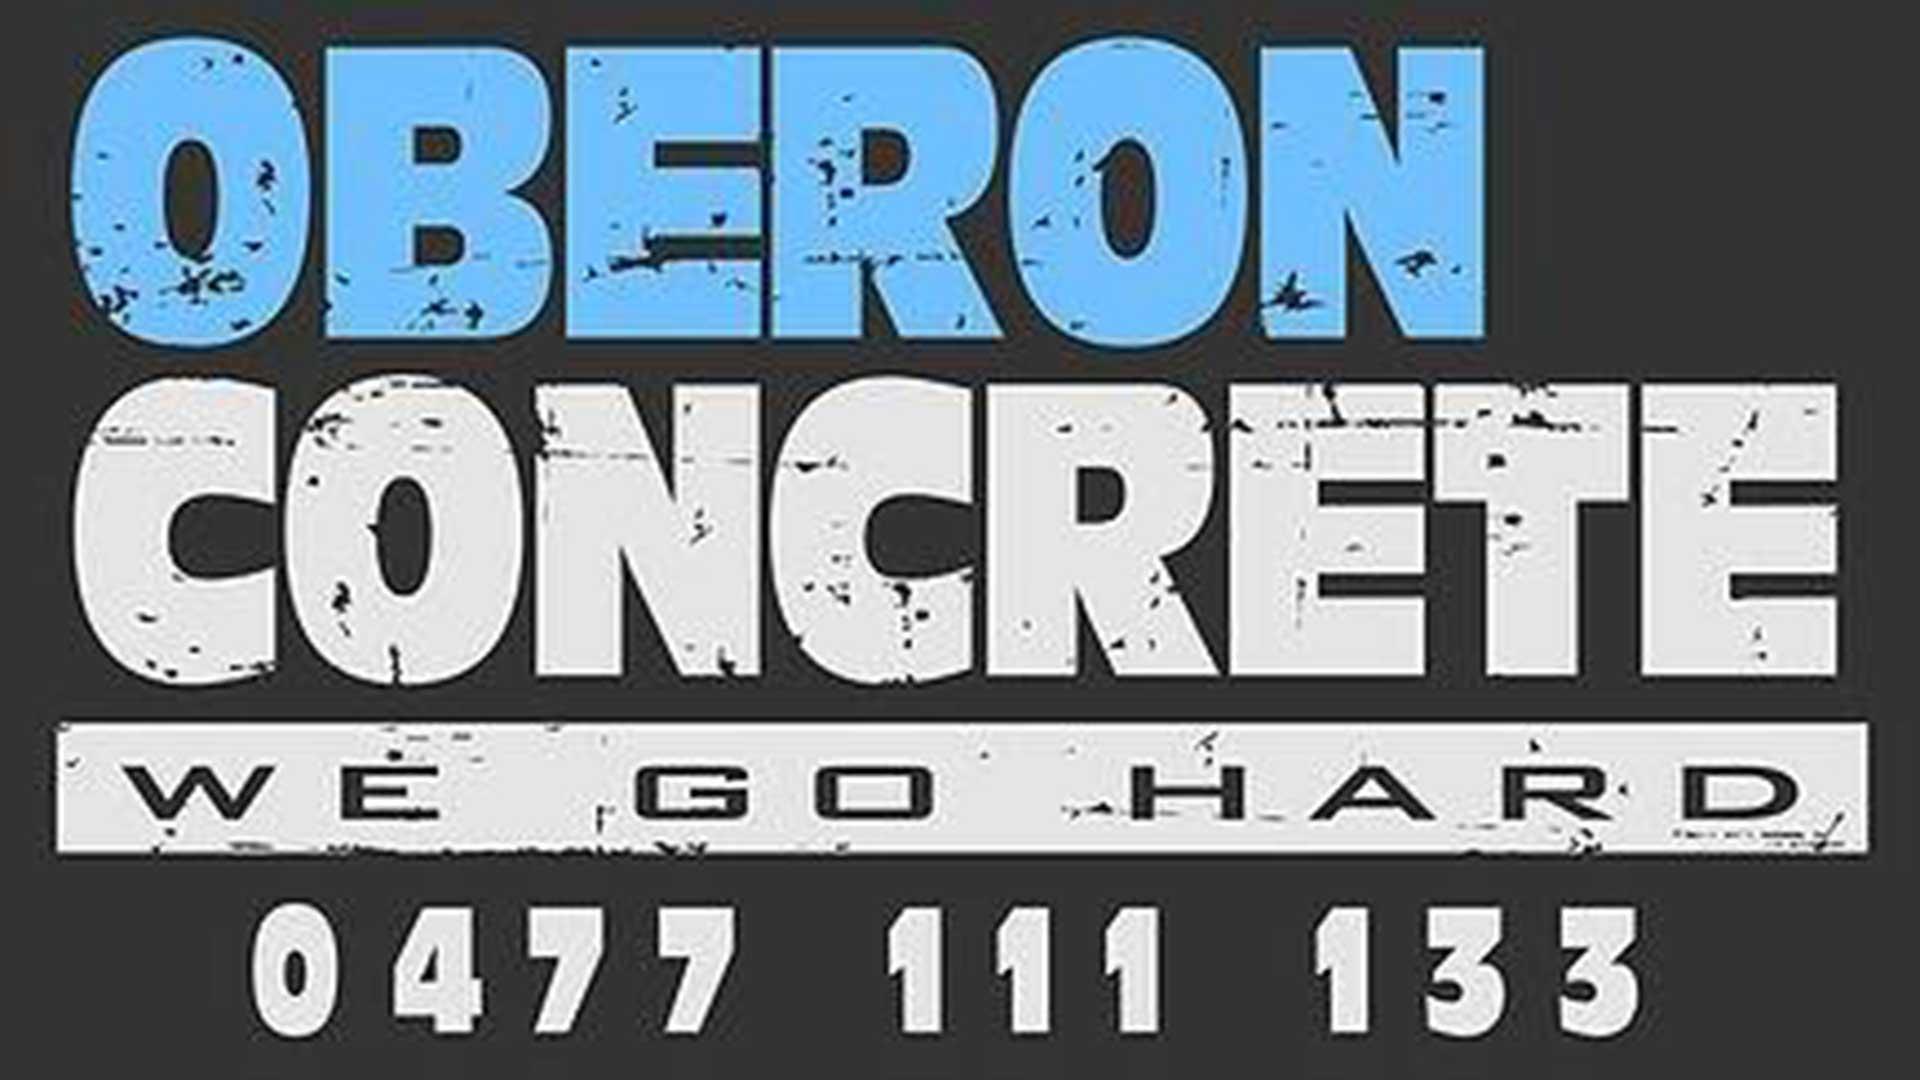 Business - Oberon Concrete | Visit Oberon